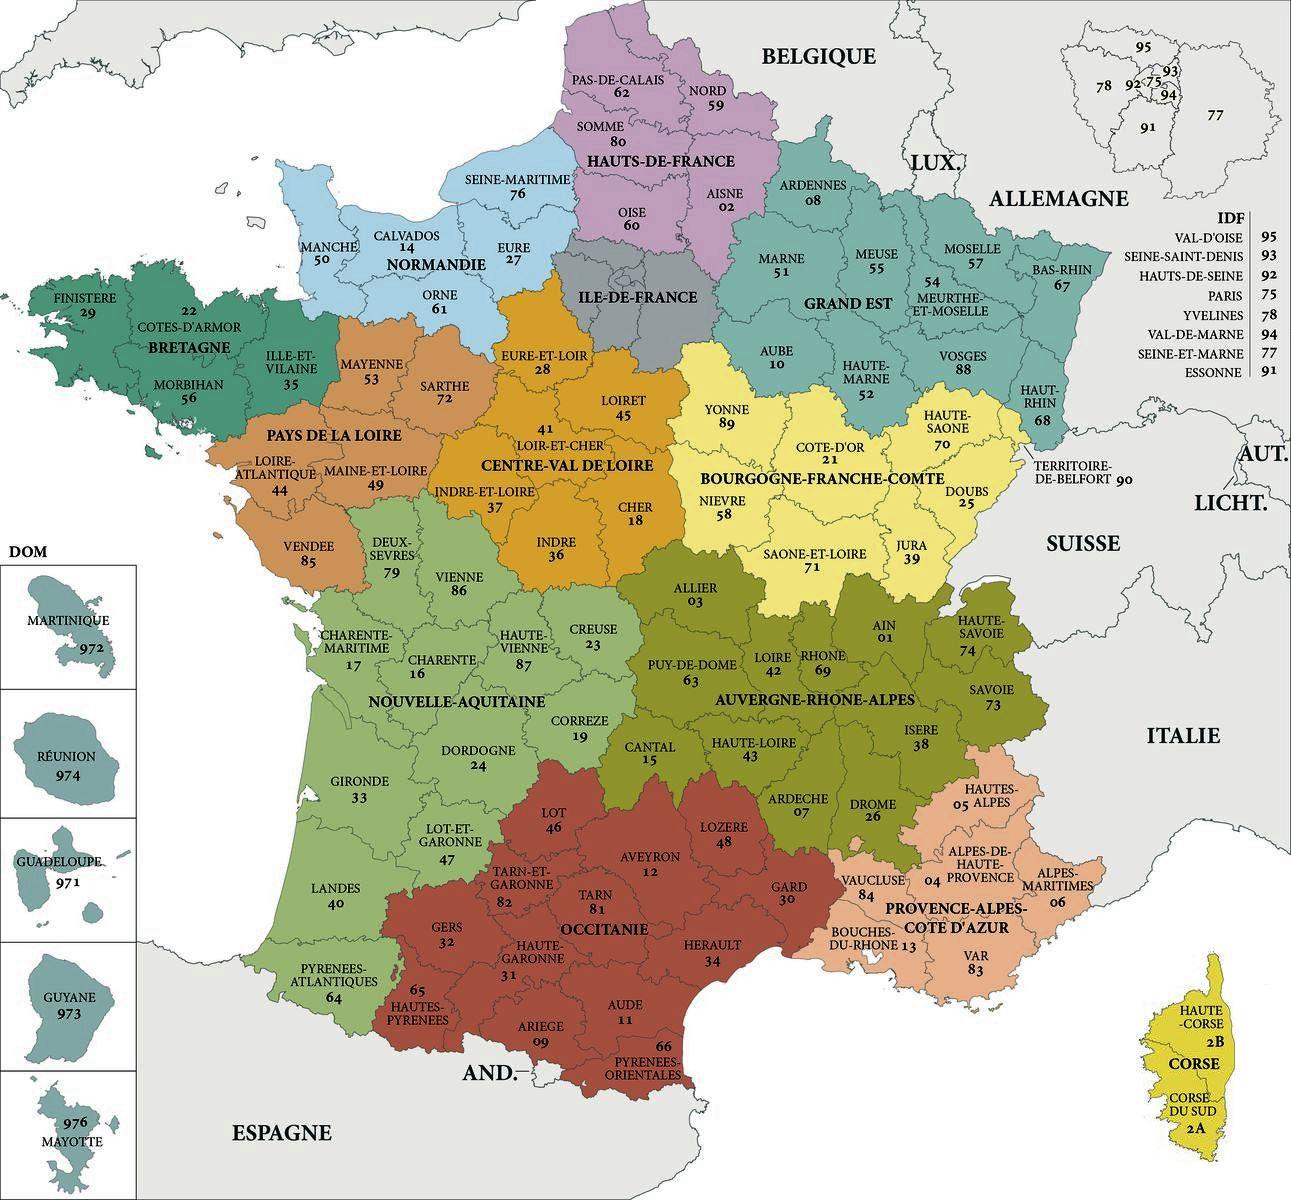 Carte De France Departements : Carte Des Départements De France intérieur Carte Départementale De La France